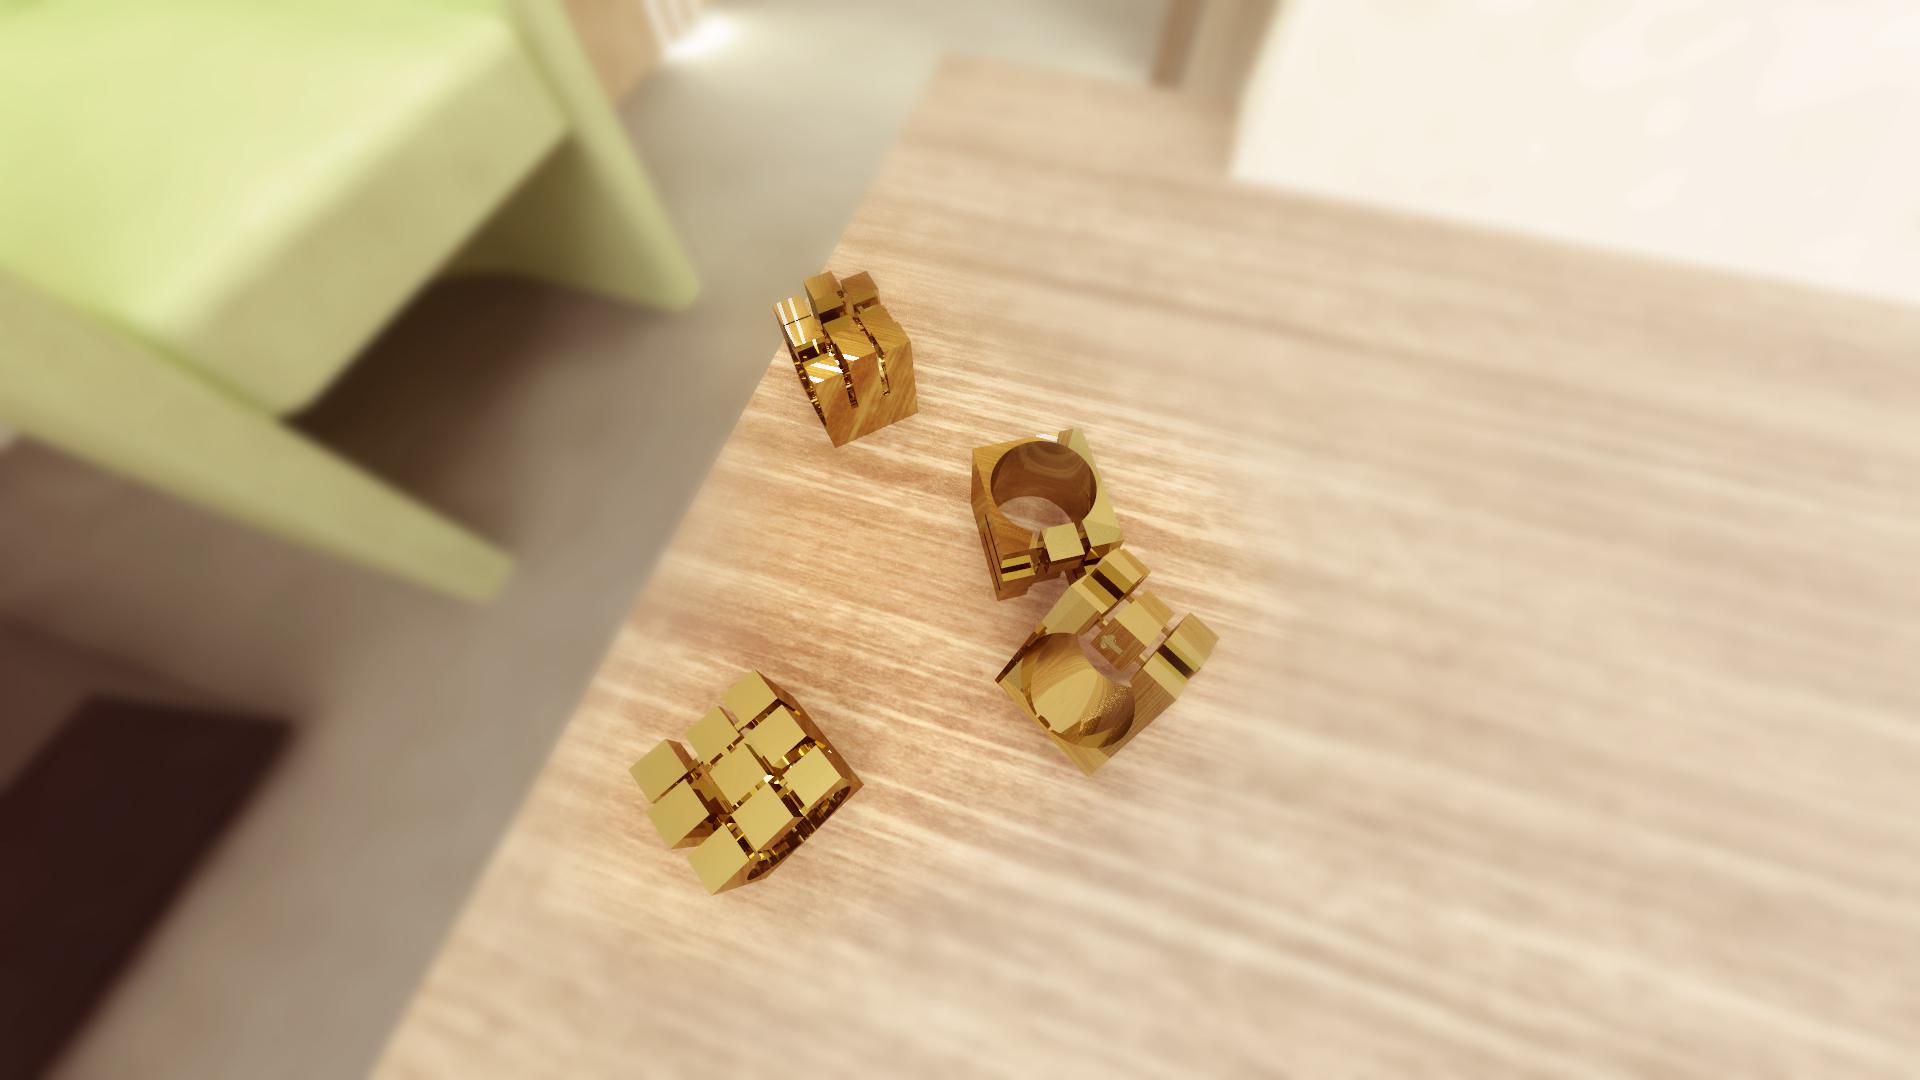 Design de Obicet - Cubescape 2